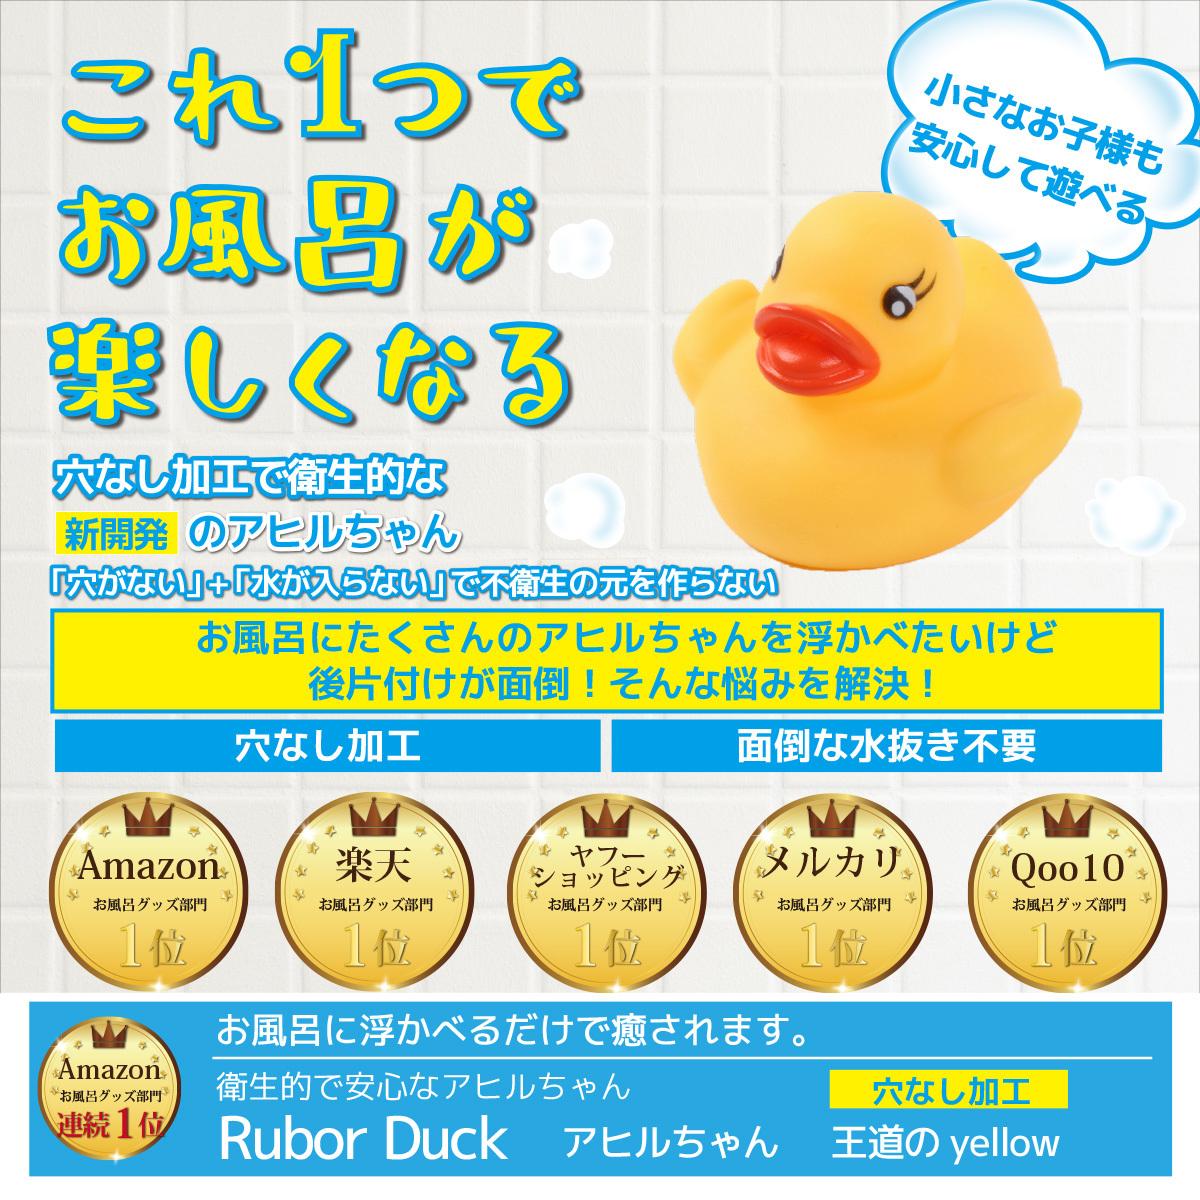 全国一律送料無料 アヒルちゃん 20個 お風呂が楽しくなる おもちゃ 穴なし加工 お手入れ楽チン 衛生的で安心 お風呂で遊ぶ おもちゃ